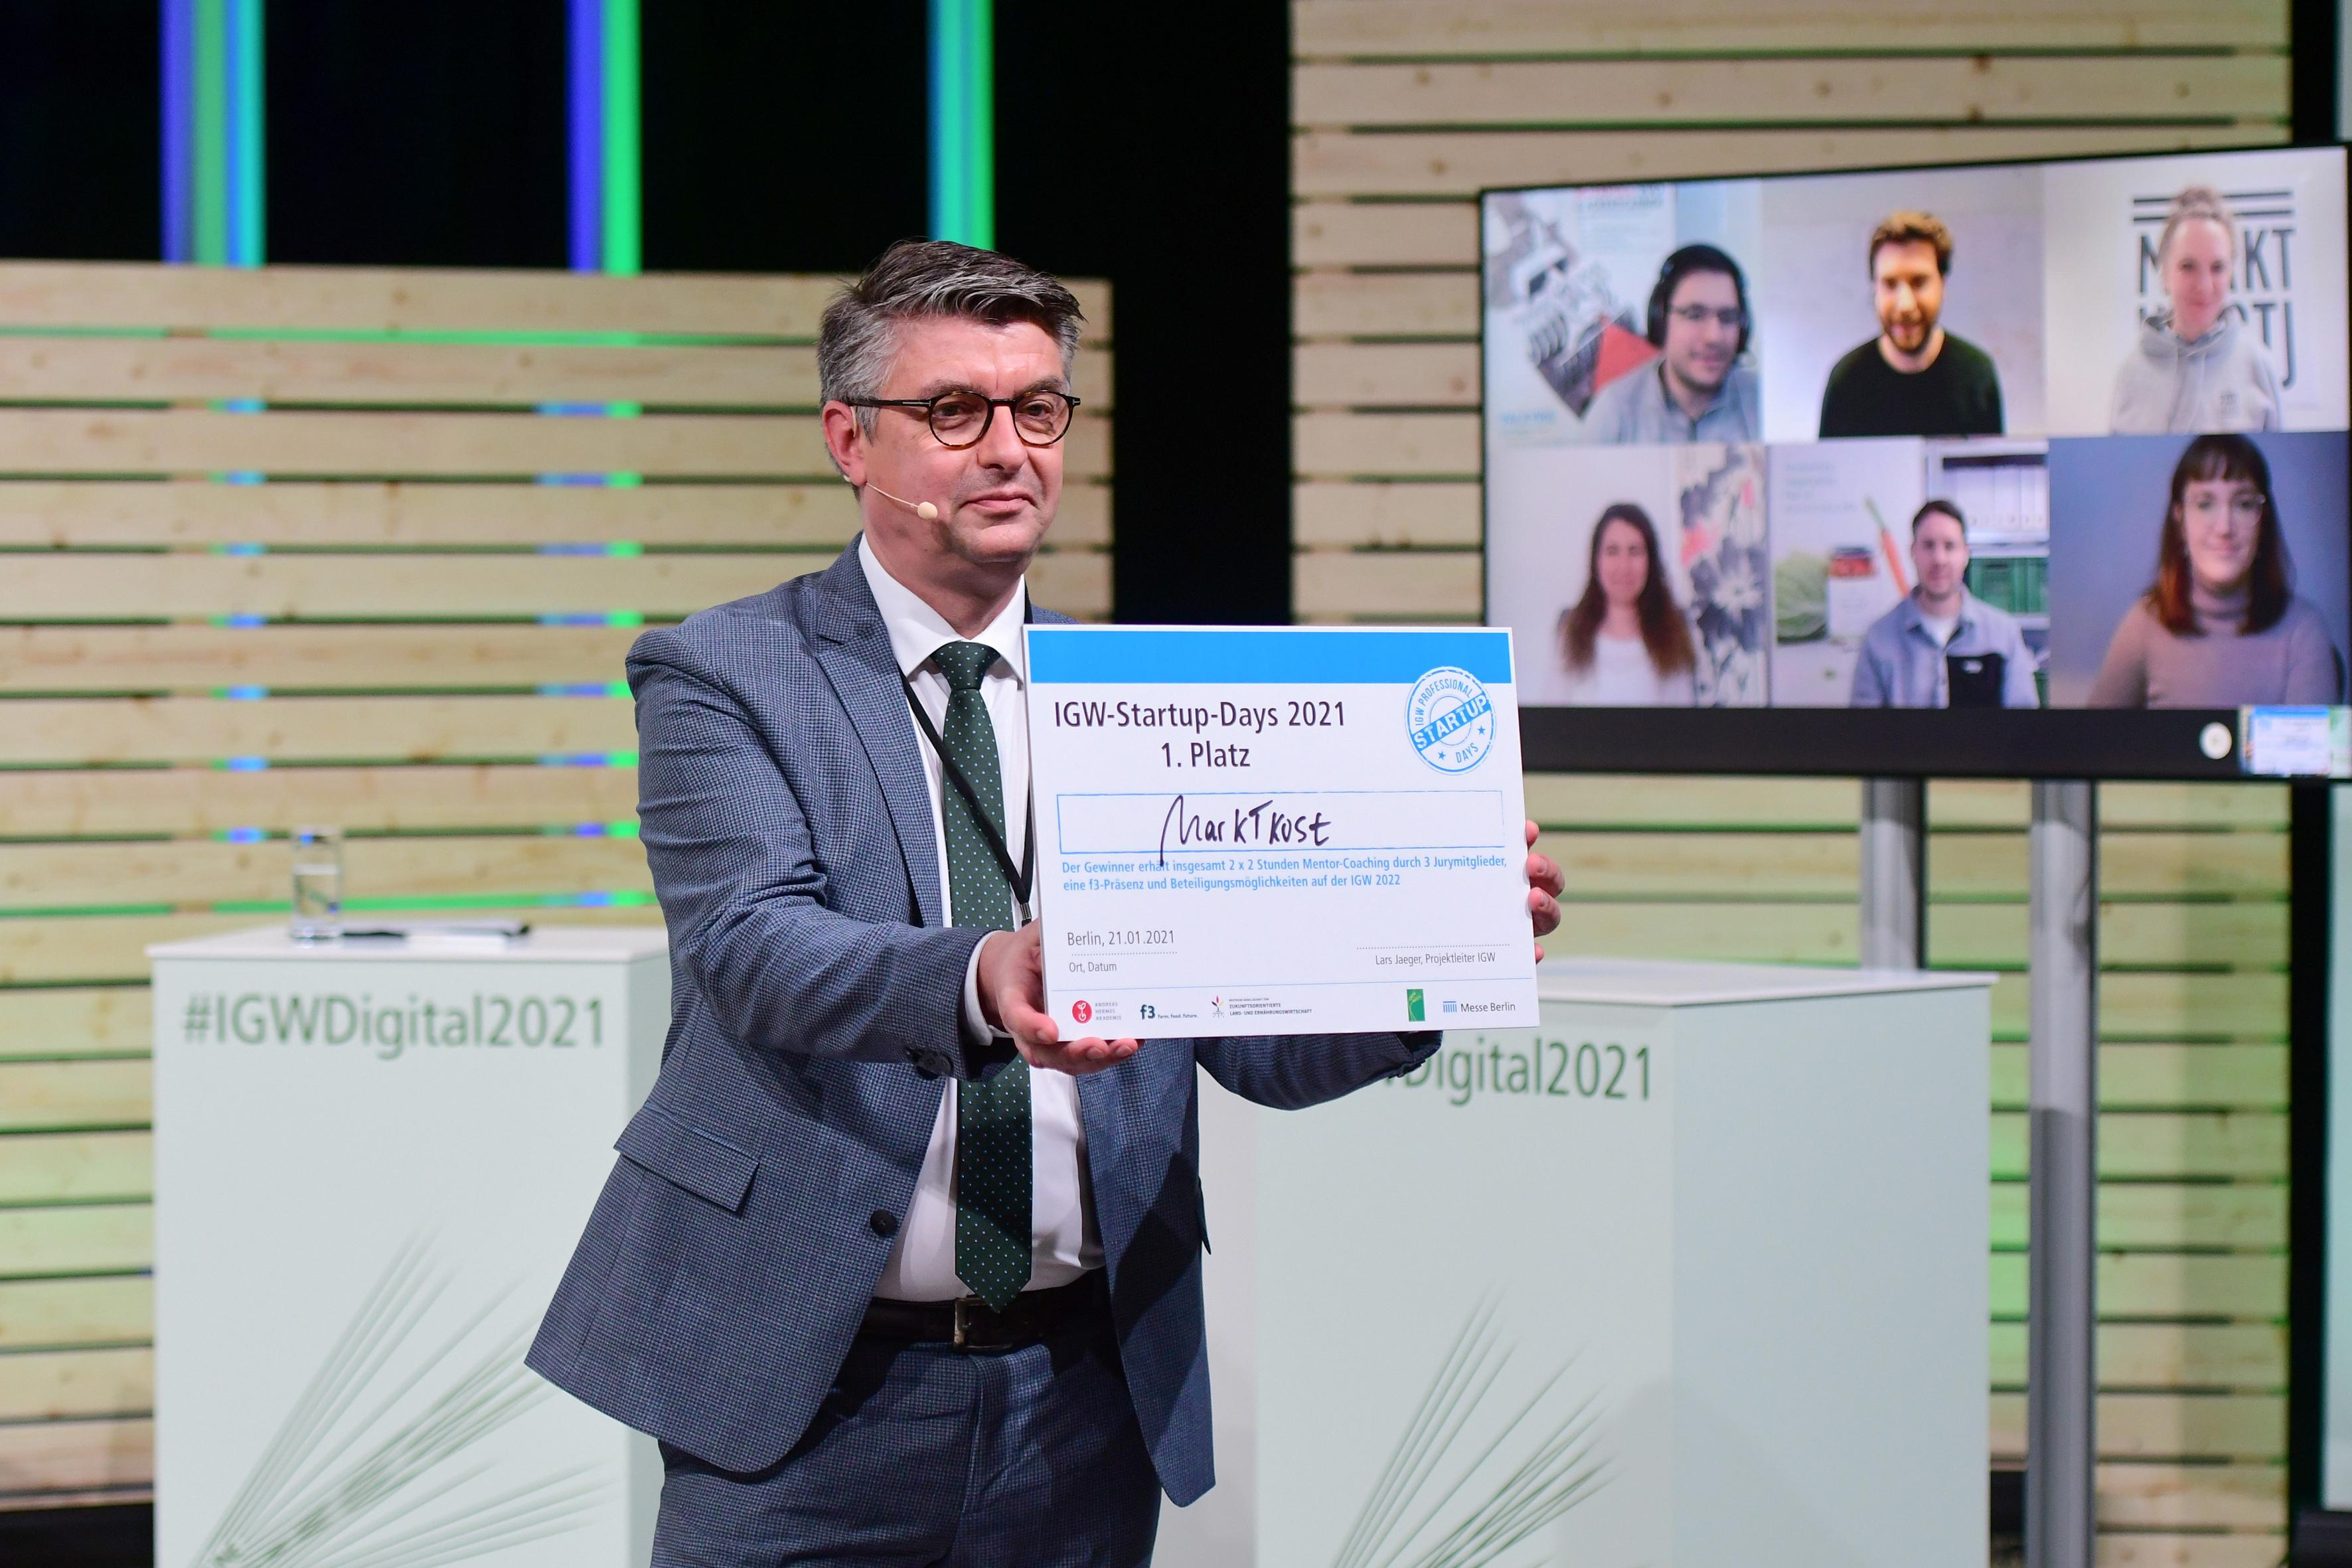 IGW Startup-Days - Siegerehrung Lars Jaeger, Projektleiter, Internationale Grüne Woche präsentiert den Gewinner: MARKTKOST